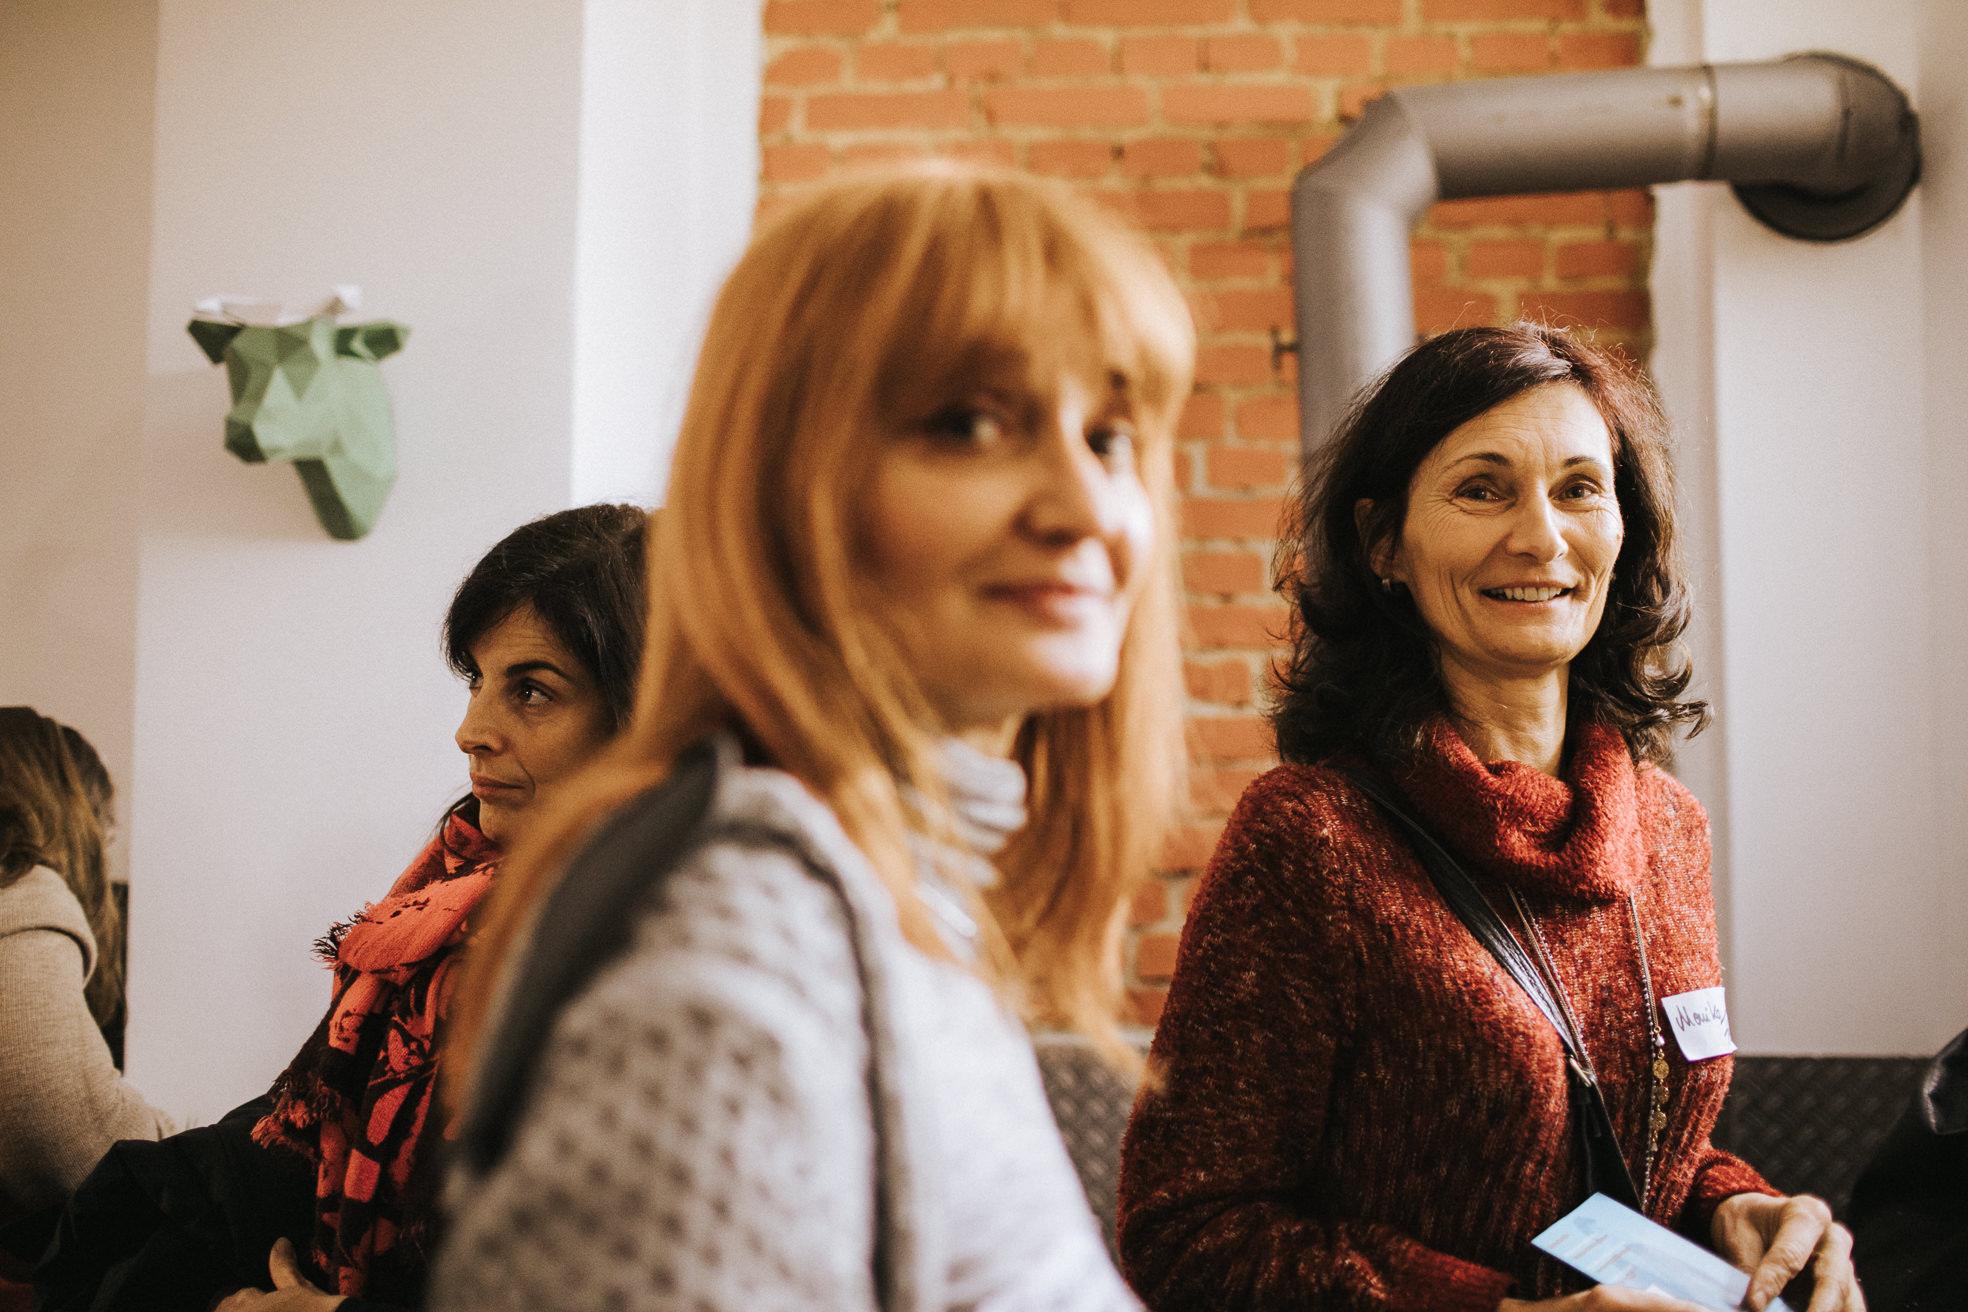 0070-Unternehmerinnen-Treffen-Anemoi--IM3C6924